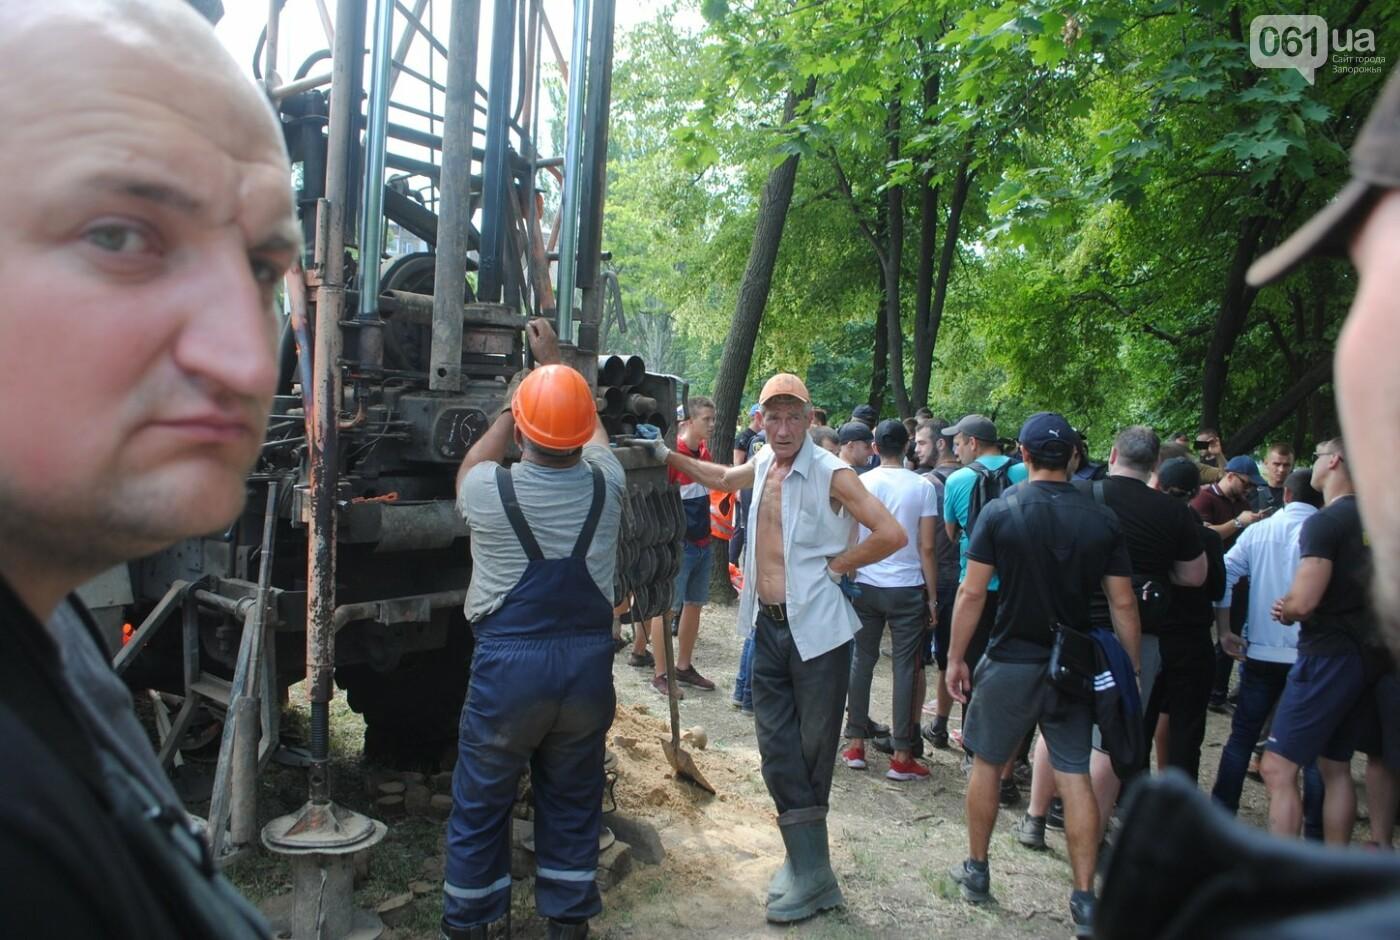 Протест в парке Яланского в лицах, - колоритный ФОТОРЕПОРТАЖ, фото-32